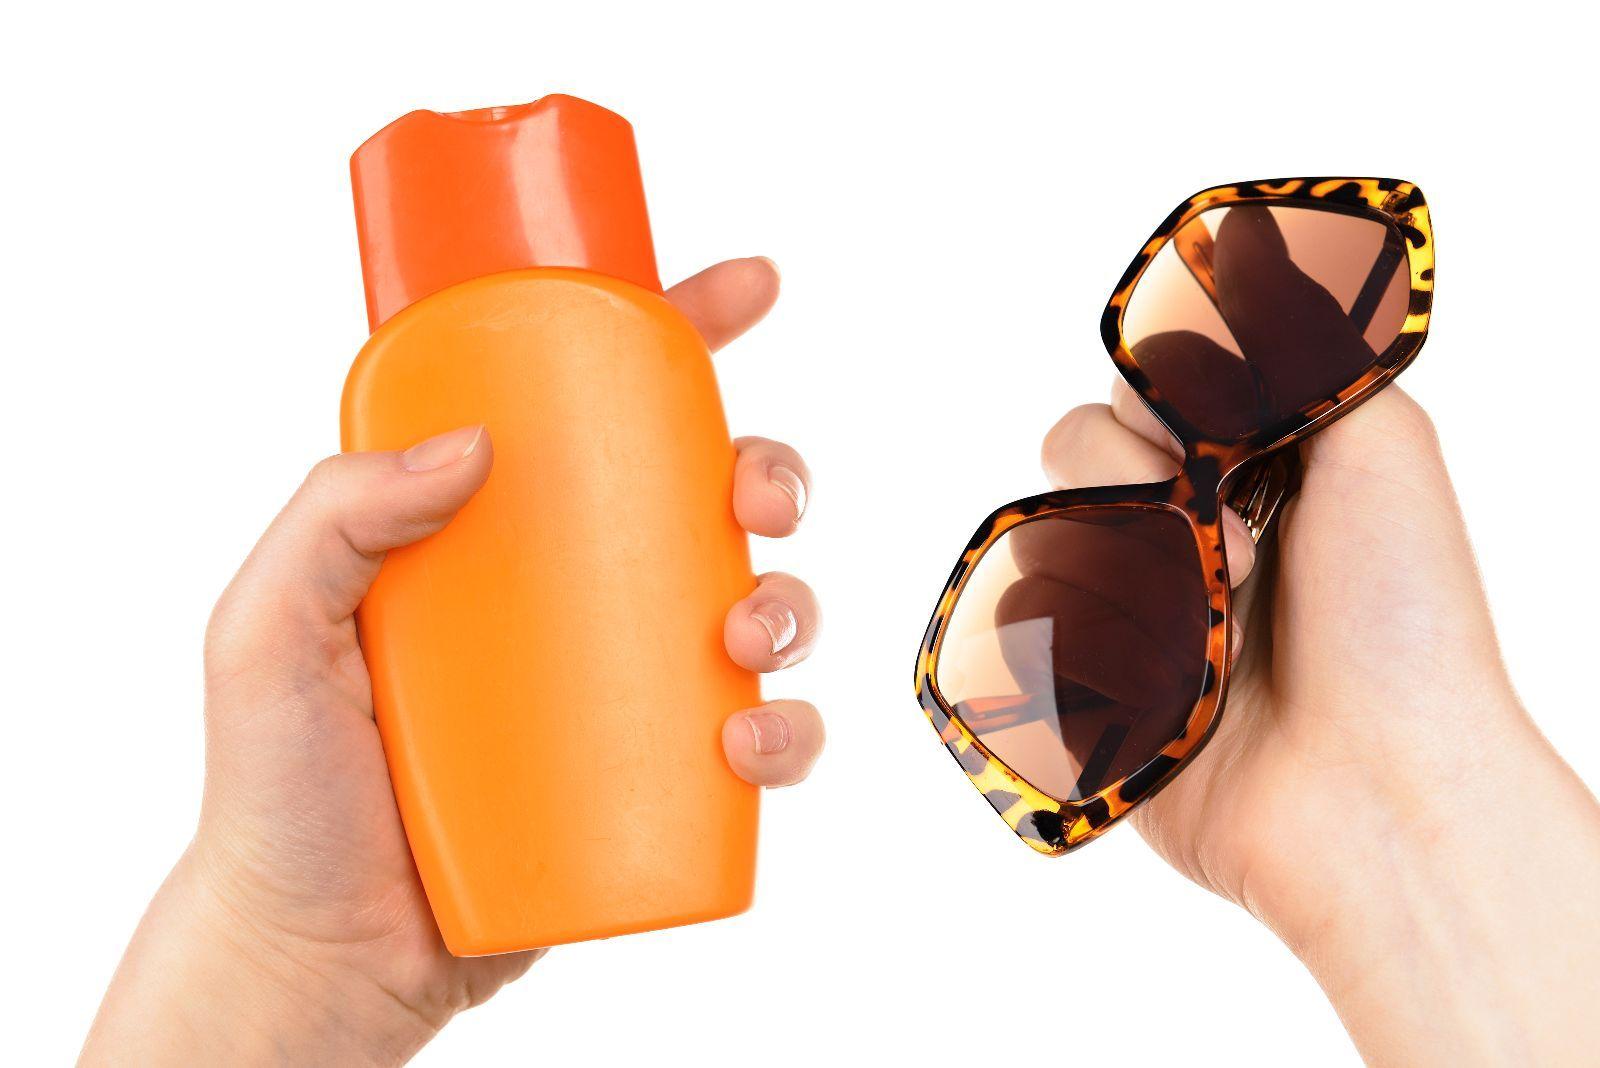 Medidas preventivas para cuidar la piel en esta temporada de calor - http://plenilunia.com/salud-de-la-piel/medidas-preventivas-para-cuidar-la-piel-en-esta-temporada-de-calor/34273/